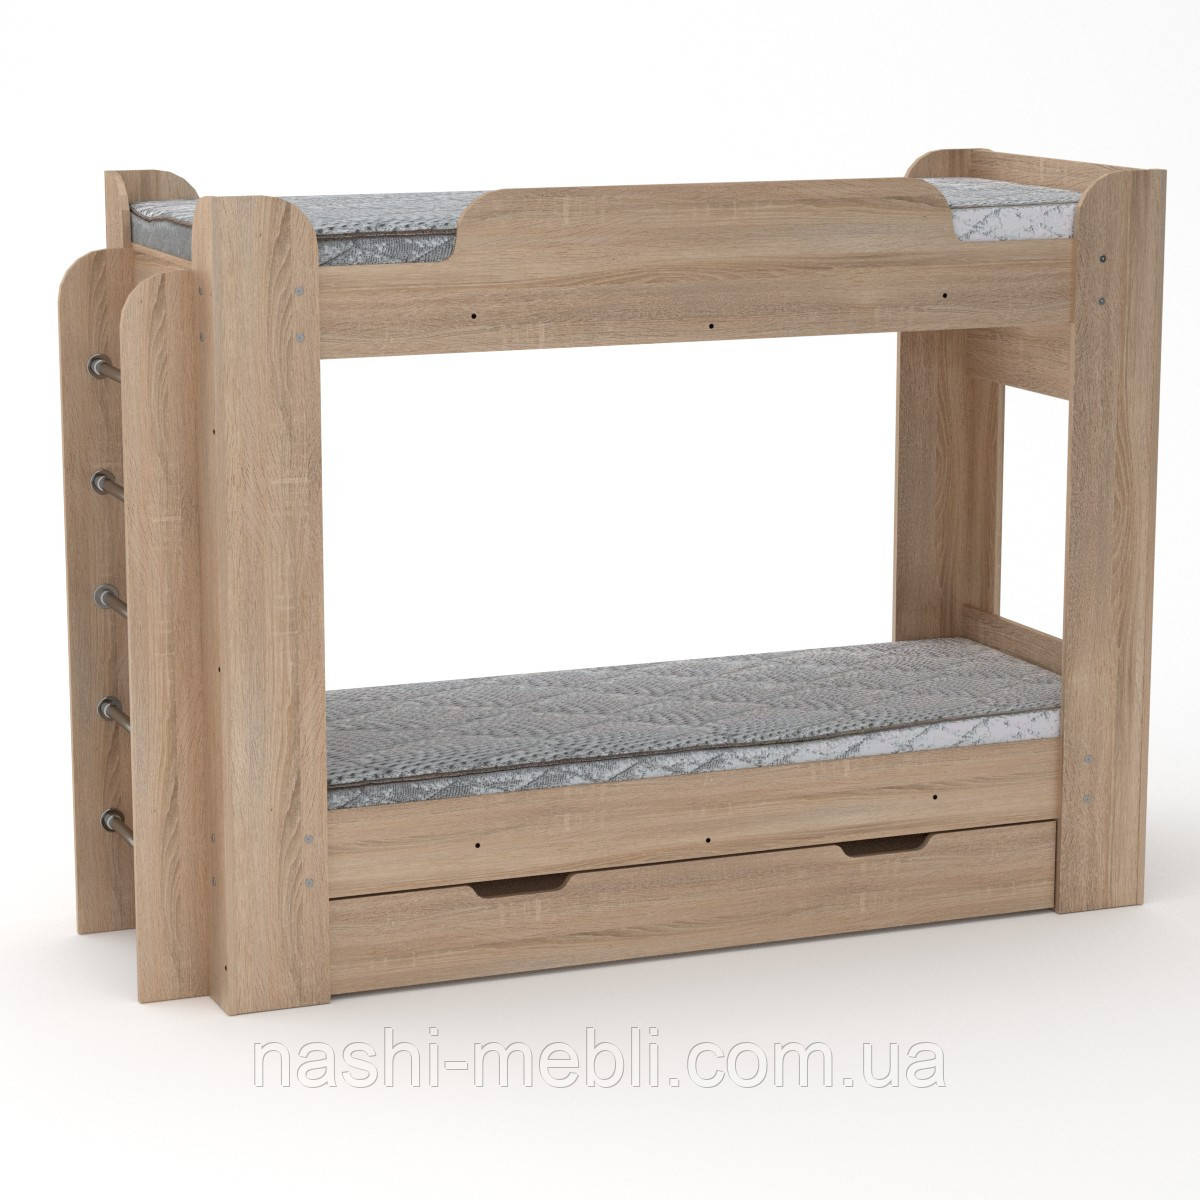 Двоярусне ліжко Твікс